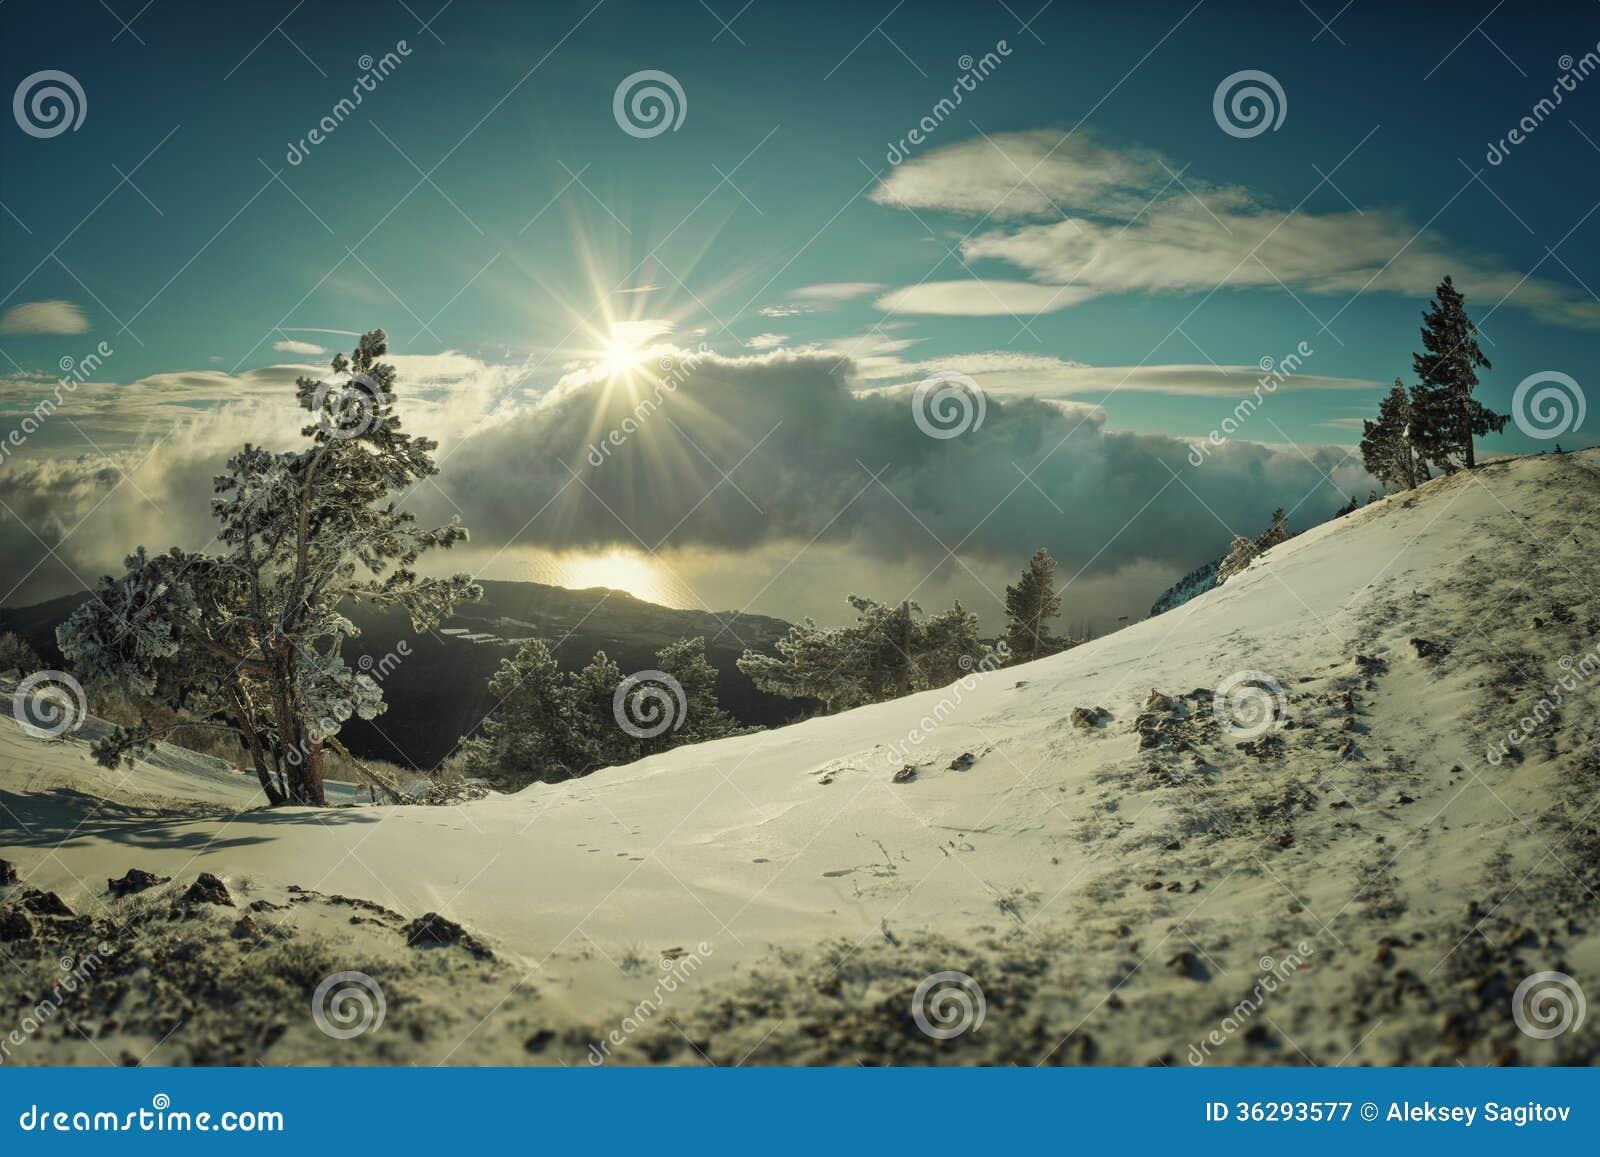 landscape sky clouds snow - photo #10